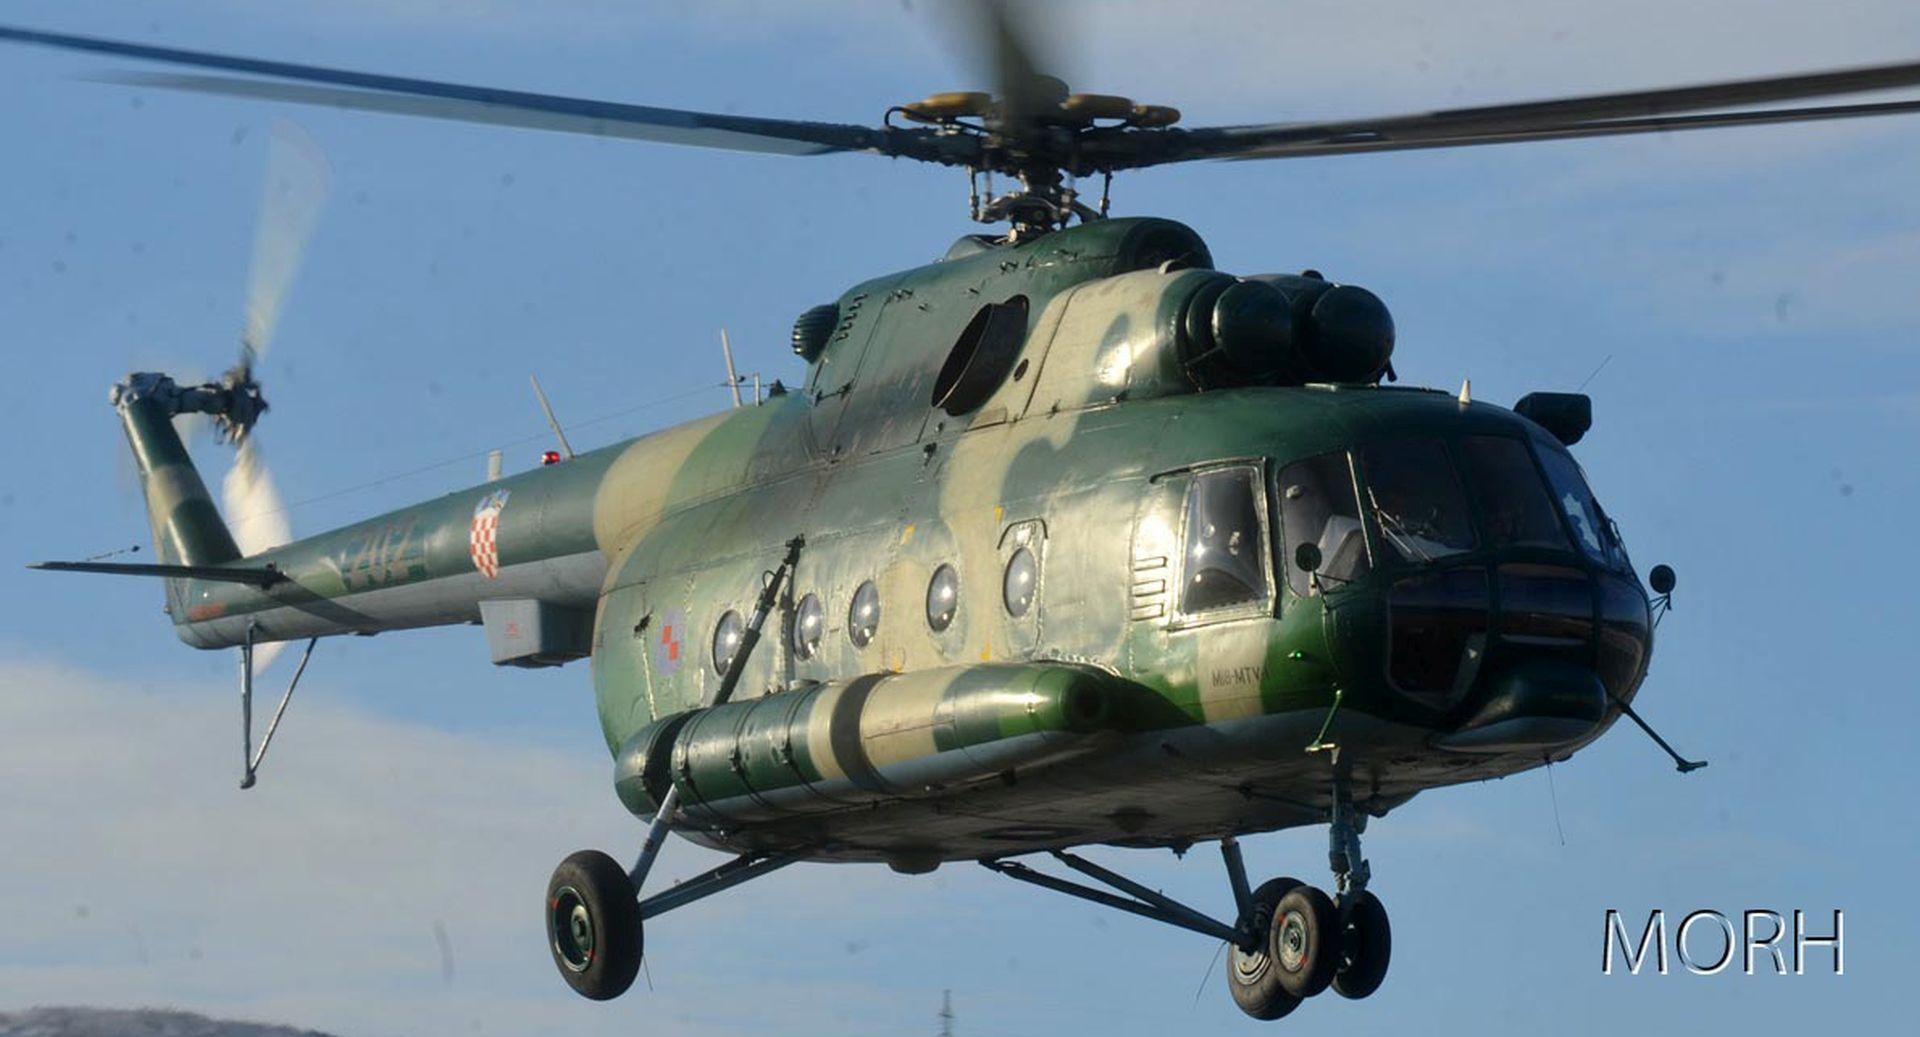 MALLORCA Petero mrtvih u sudaru helikoptera i manjeg aviona